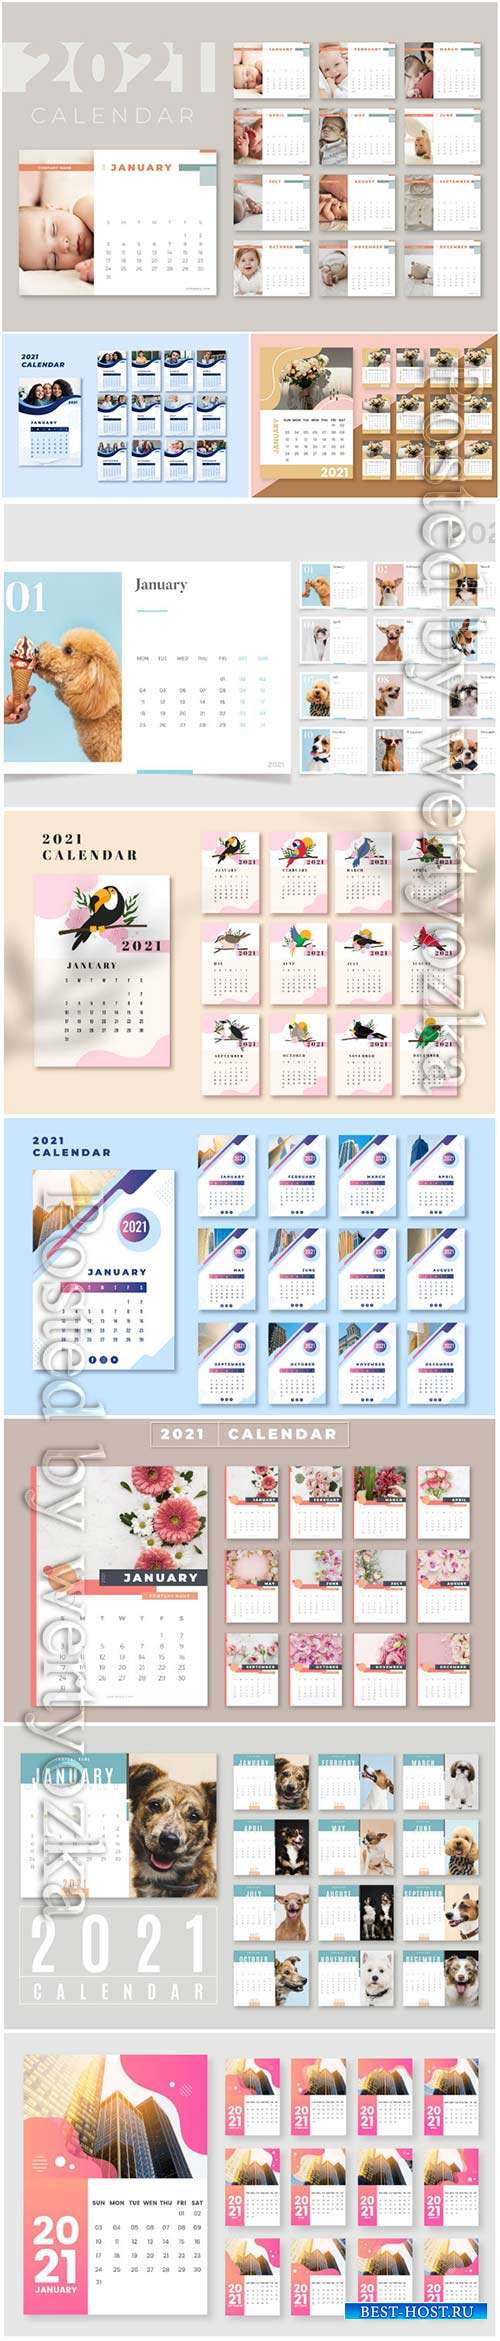 2021 calendar vector set templates vol 2